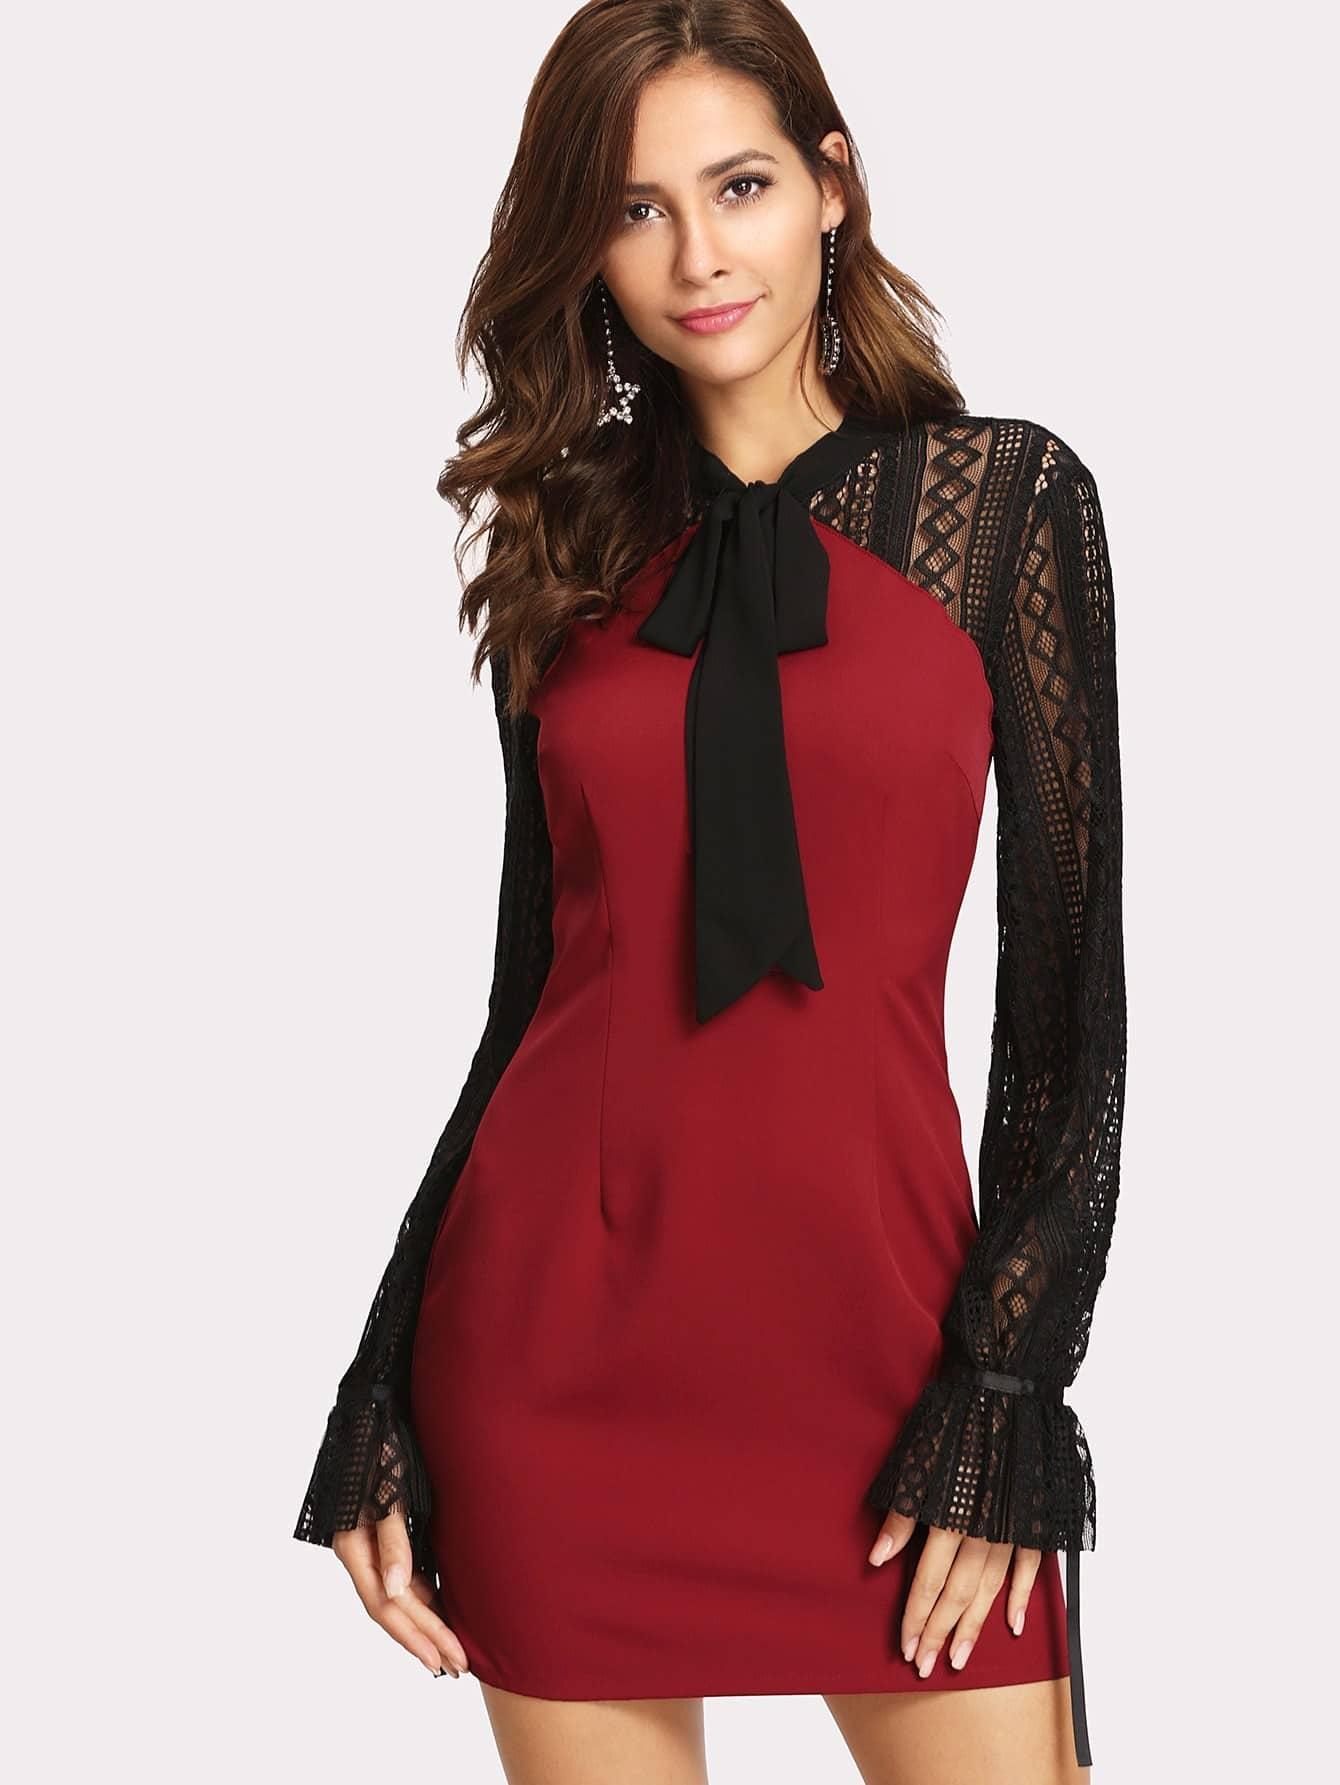 Купить Модное платье с разрезом и кружевной вставкой, Giulia, SheIn